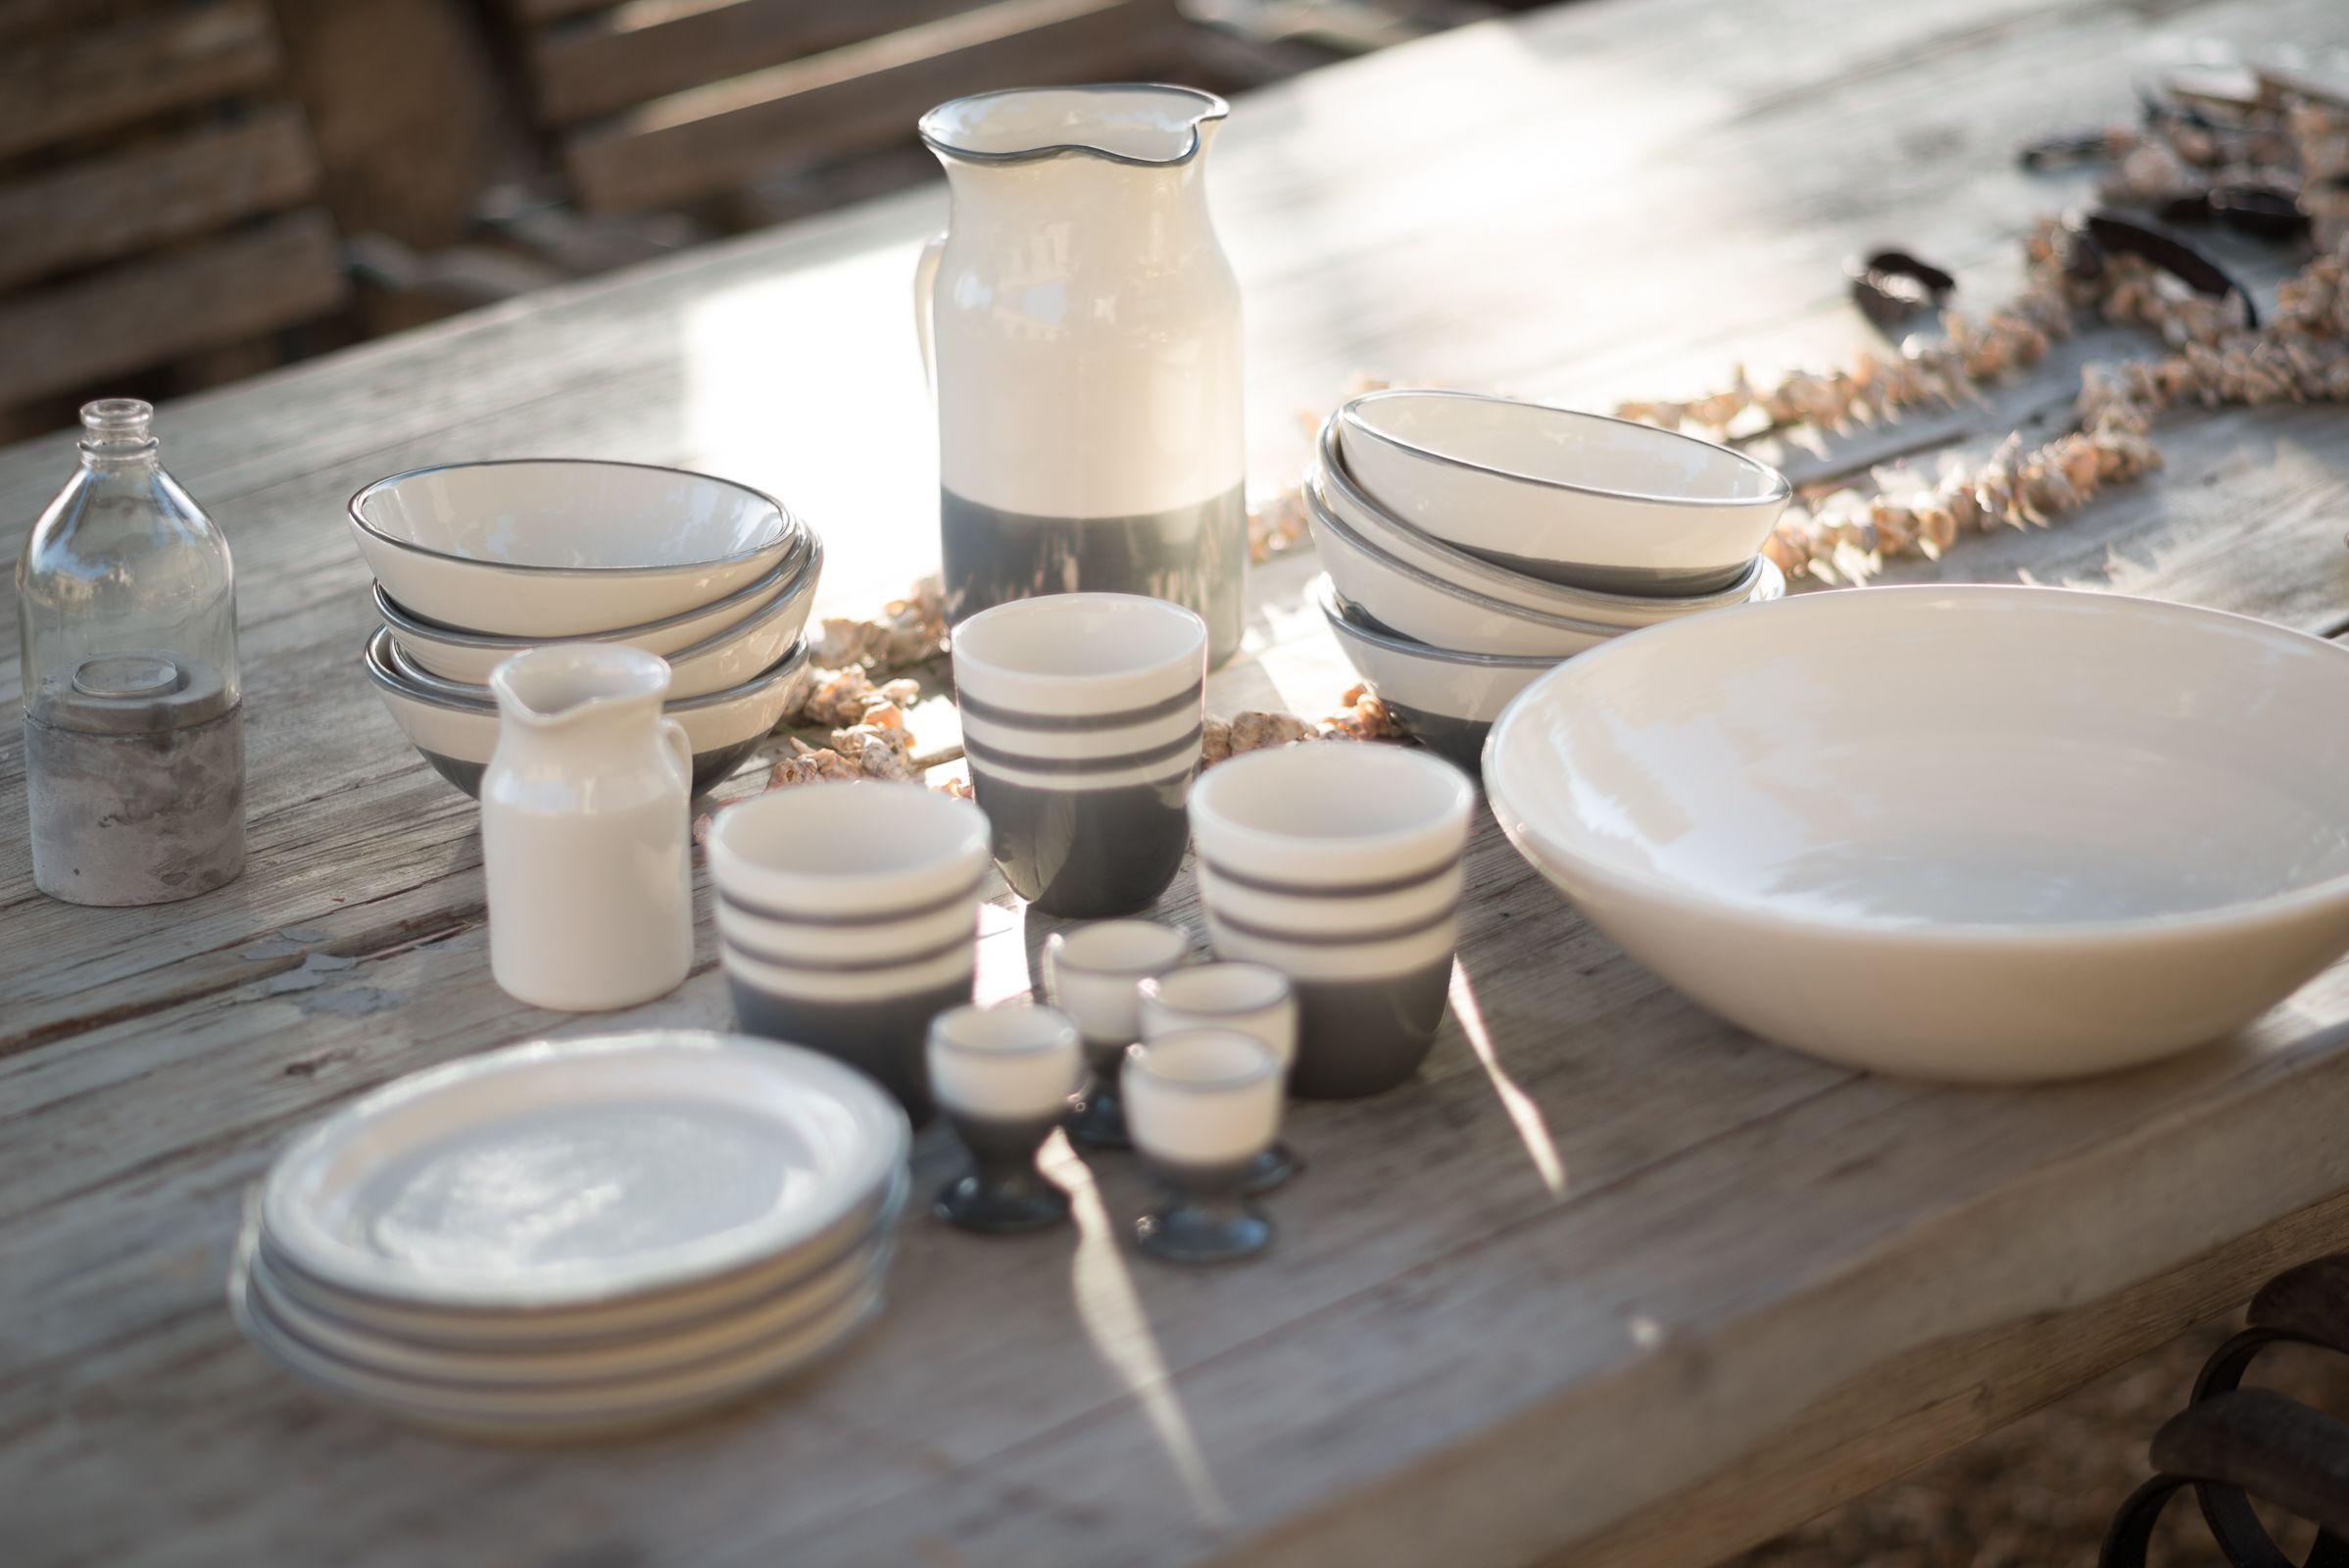 Wo Wohnt Til Schweiger handgefertigte keramik barefoot living by til schweiger kitchen